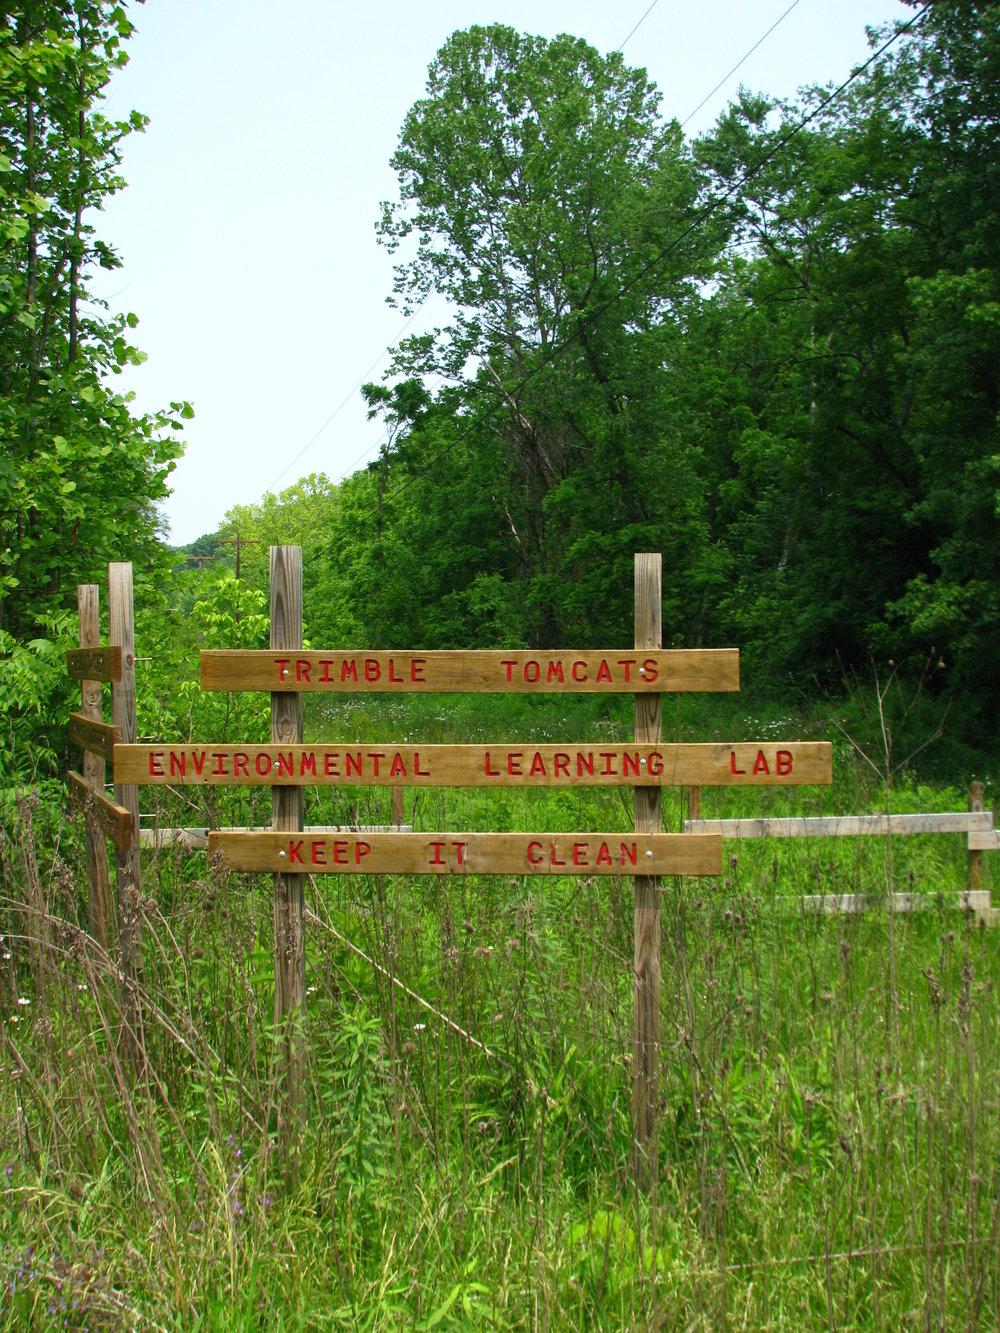 5. Trimble Community Forest - Glouster, Ohio